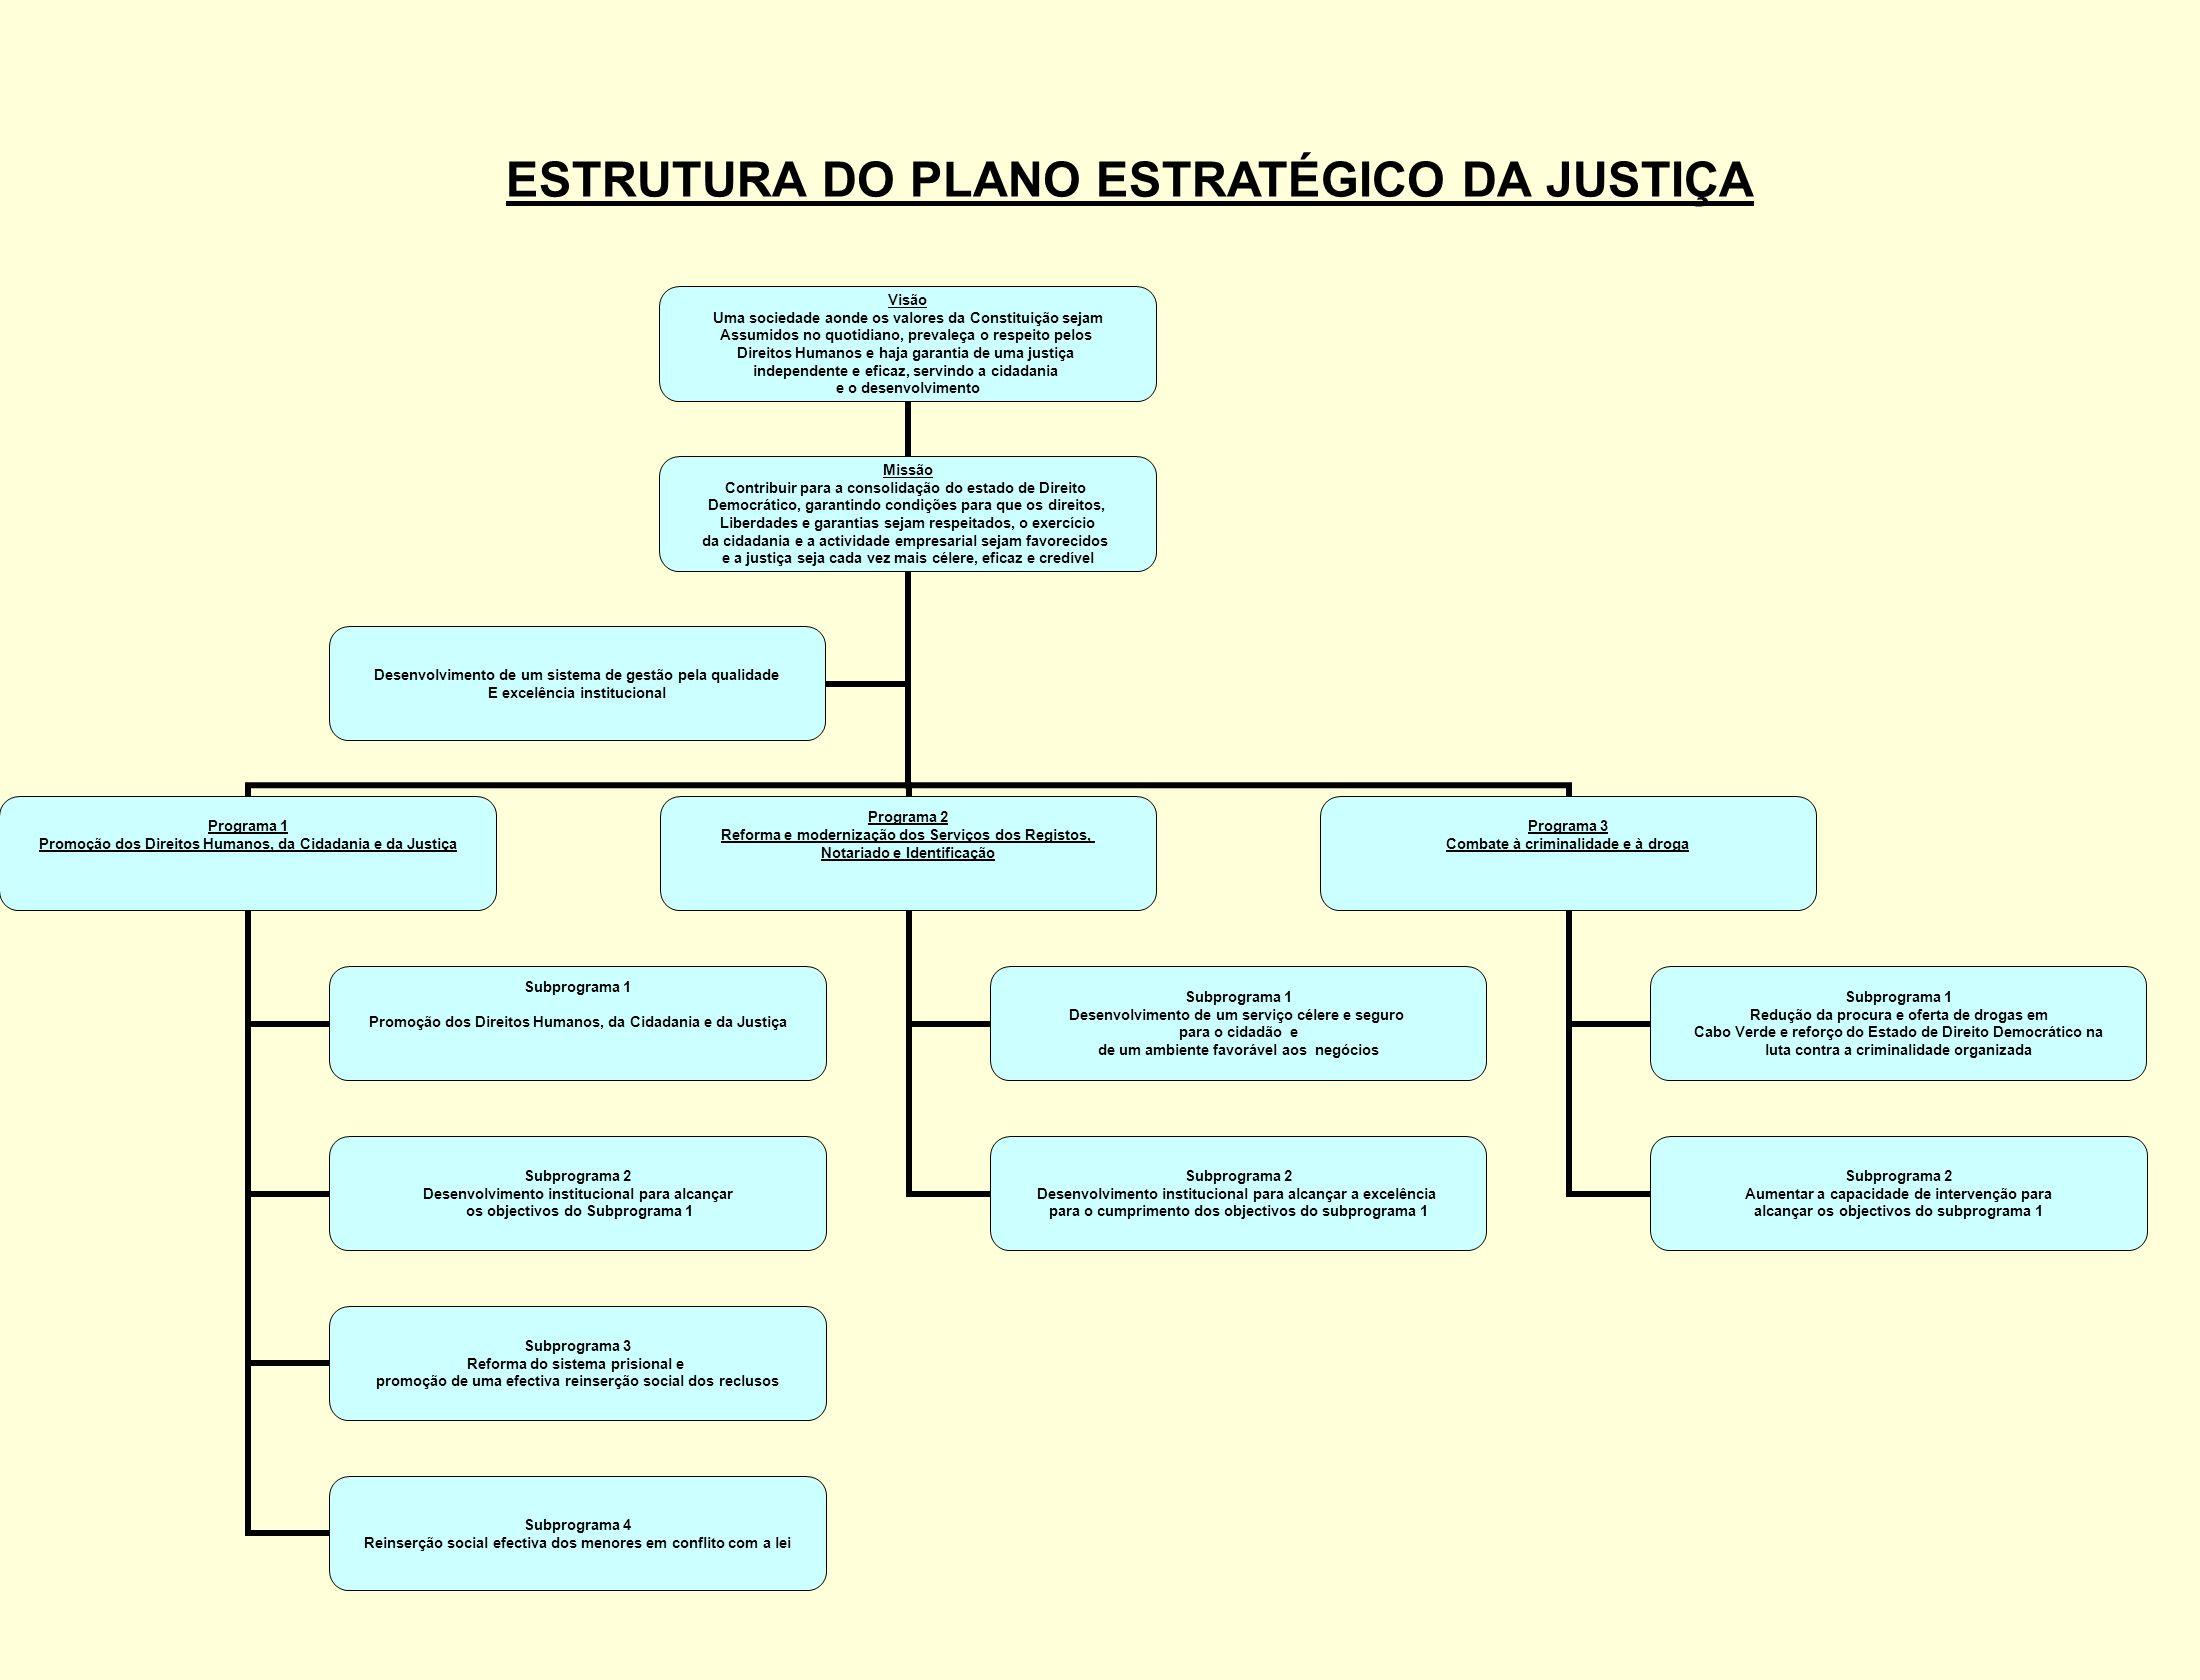 ESTRUTURA DO PLANO ESTRATÉGICO DA JUSTIÇA